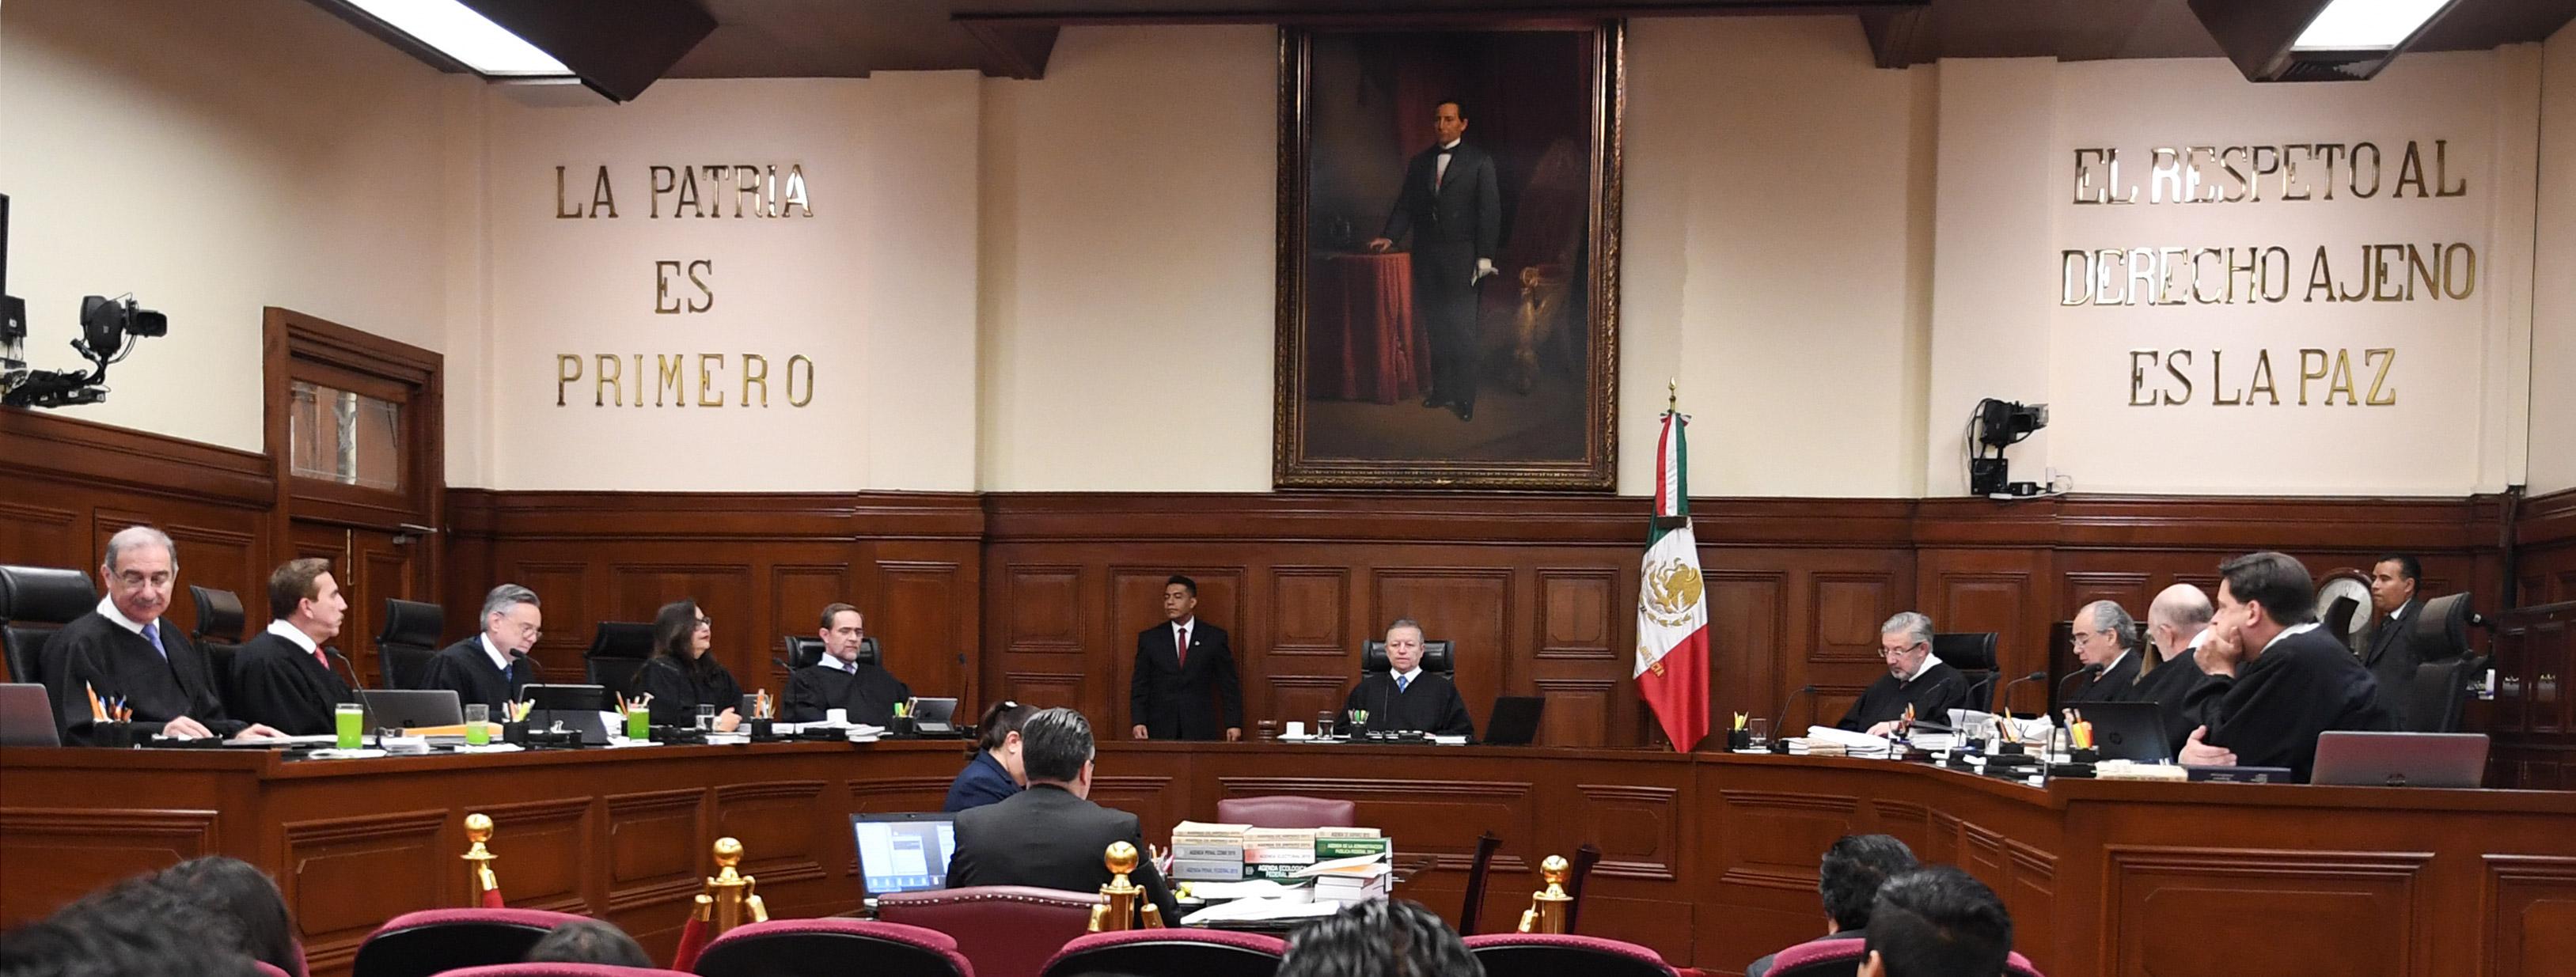 Estados no pueden reservar información de auditorías: Corte